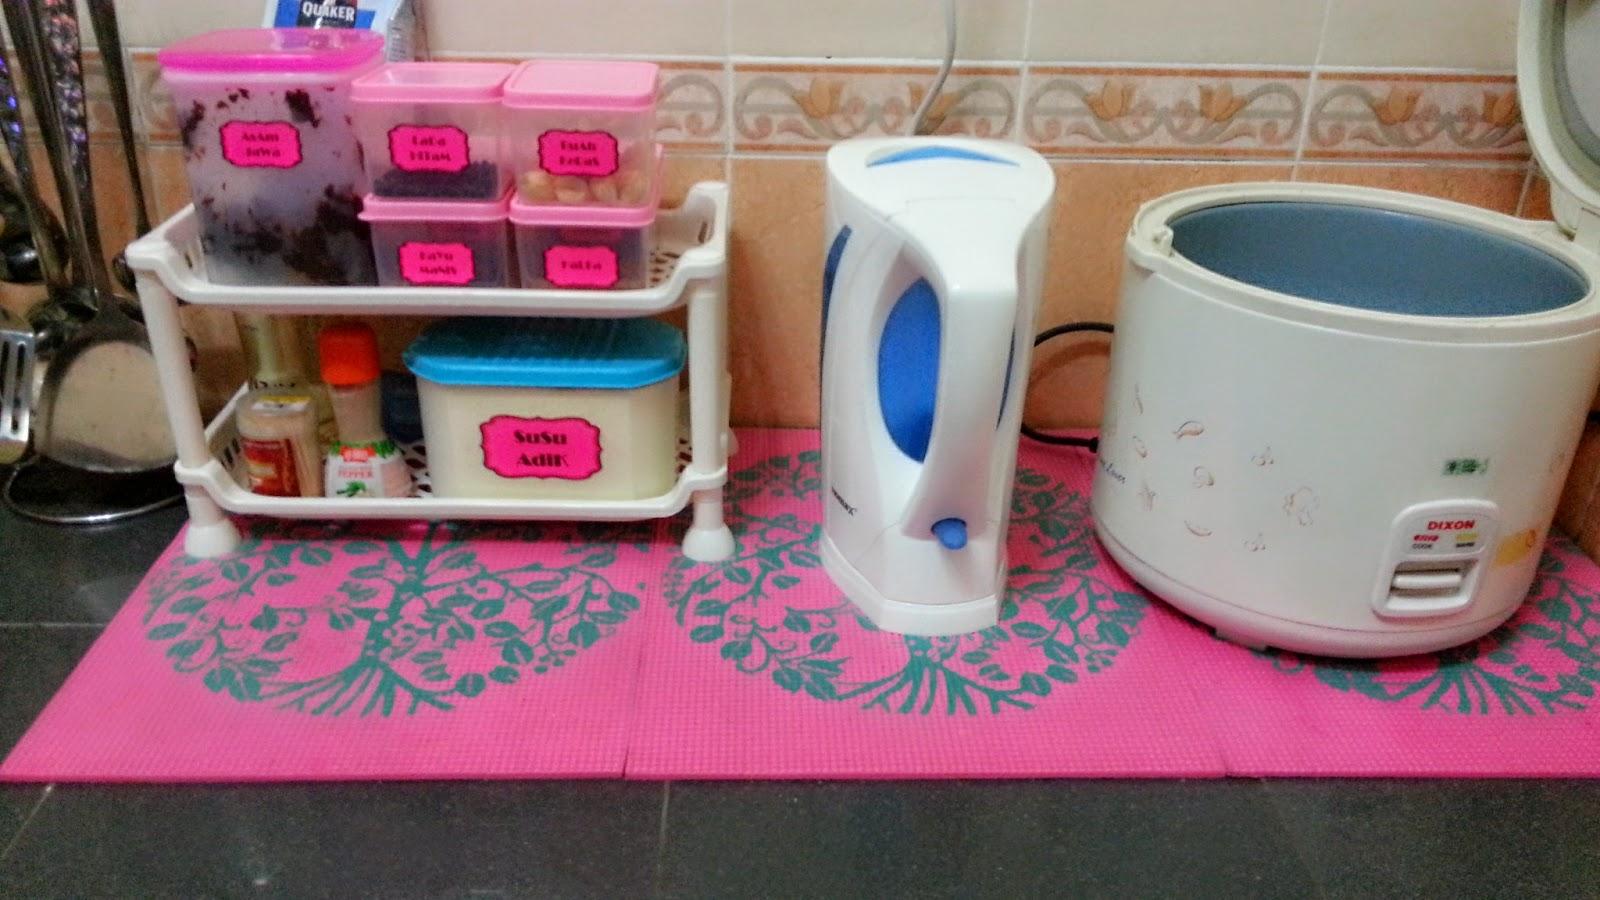 Okey Nie Jelah Yang Dapat Aku Kongsikan Tentang Susun Atur Ruang Dapur Comel Hehehe Nanti Ada Perubahan Updated Hokey Bye